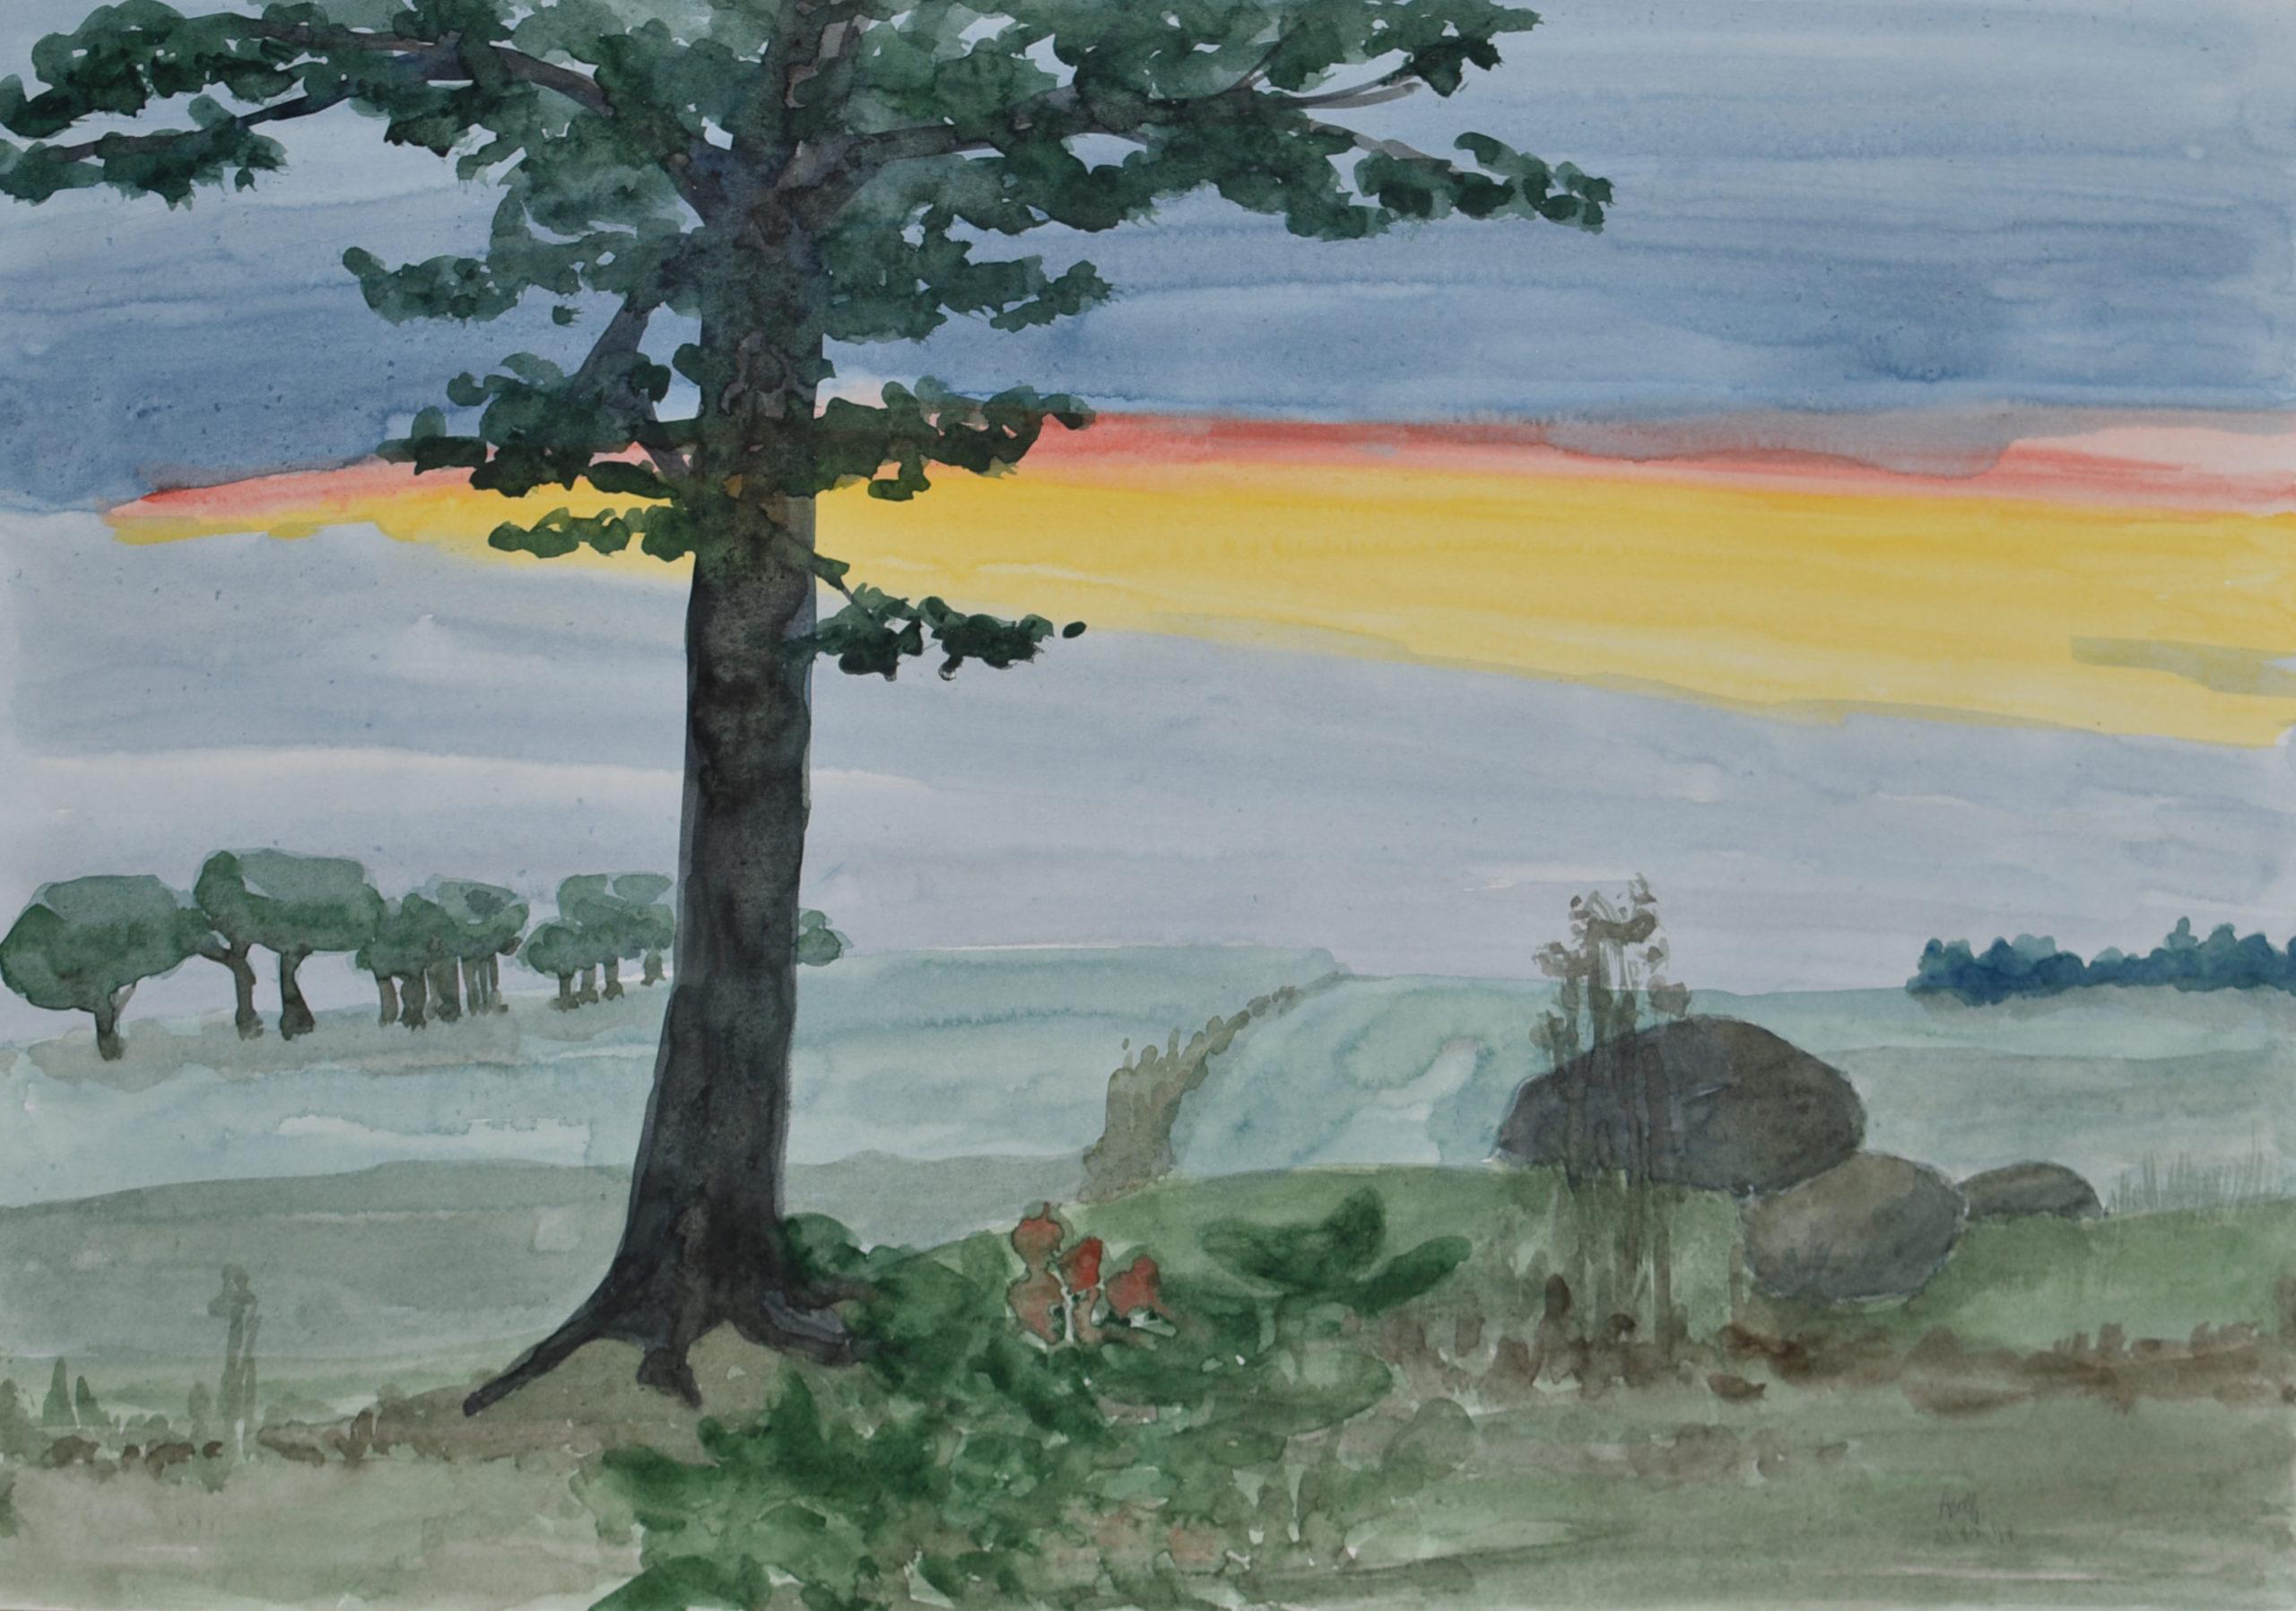 Landschaftsbild mit Sonnenuntergang